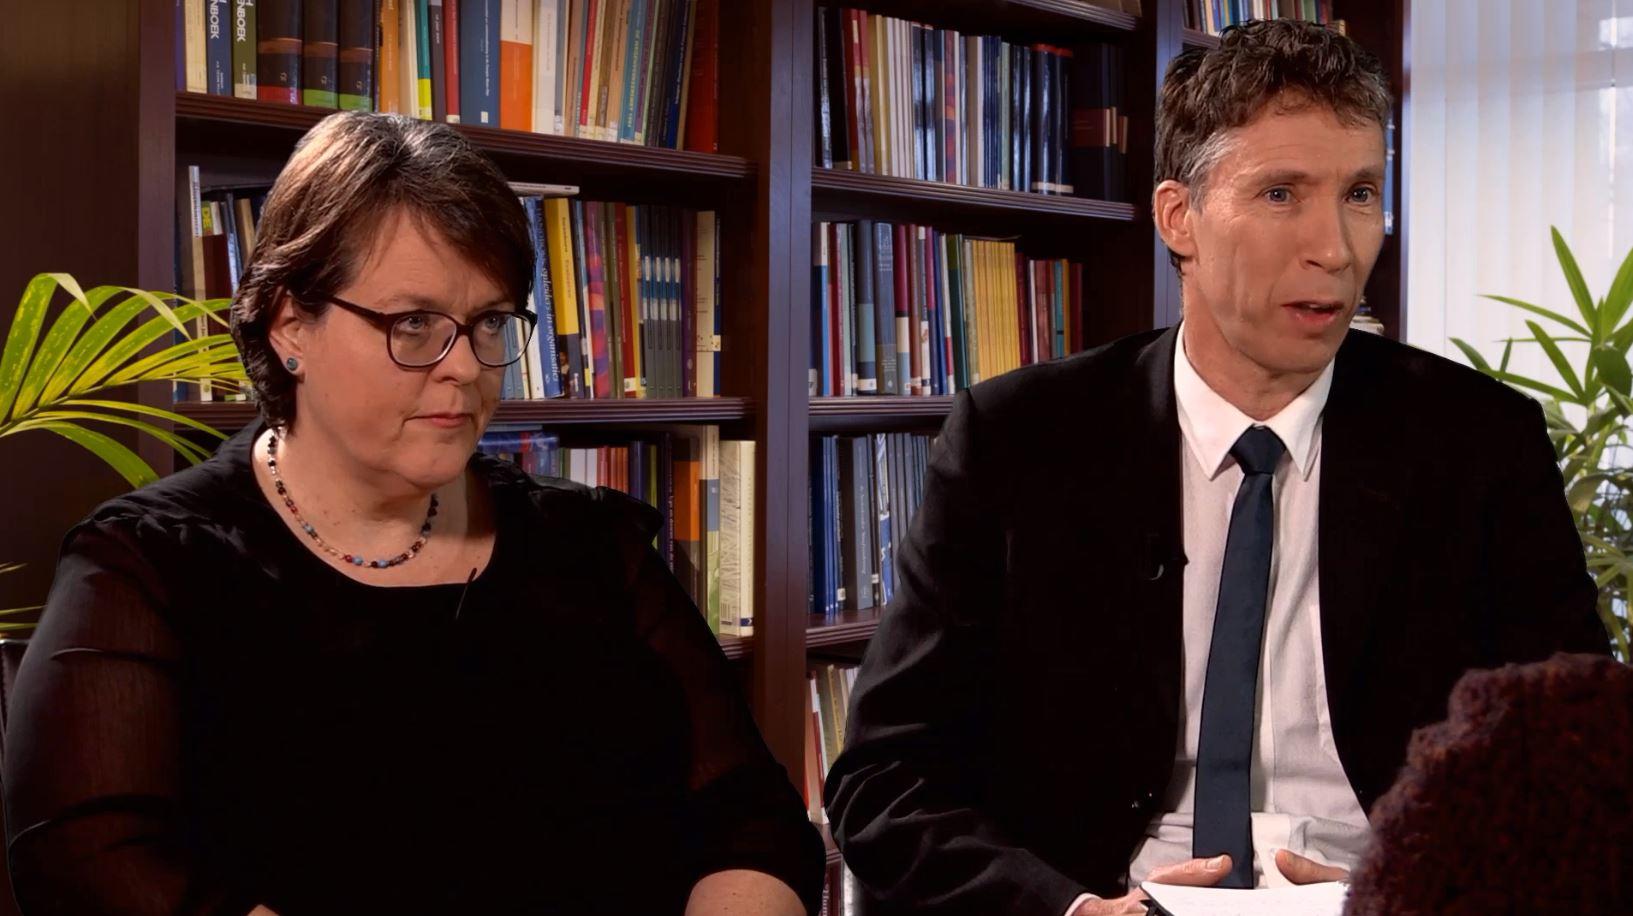 Interview met met mw. mr. K. Zwaan en dhr. mr. drs. J.H. van Breda